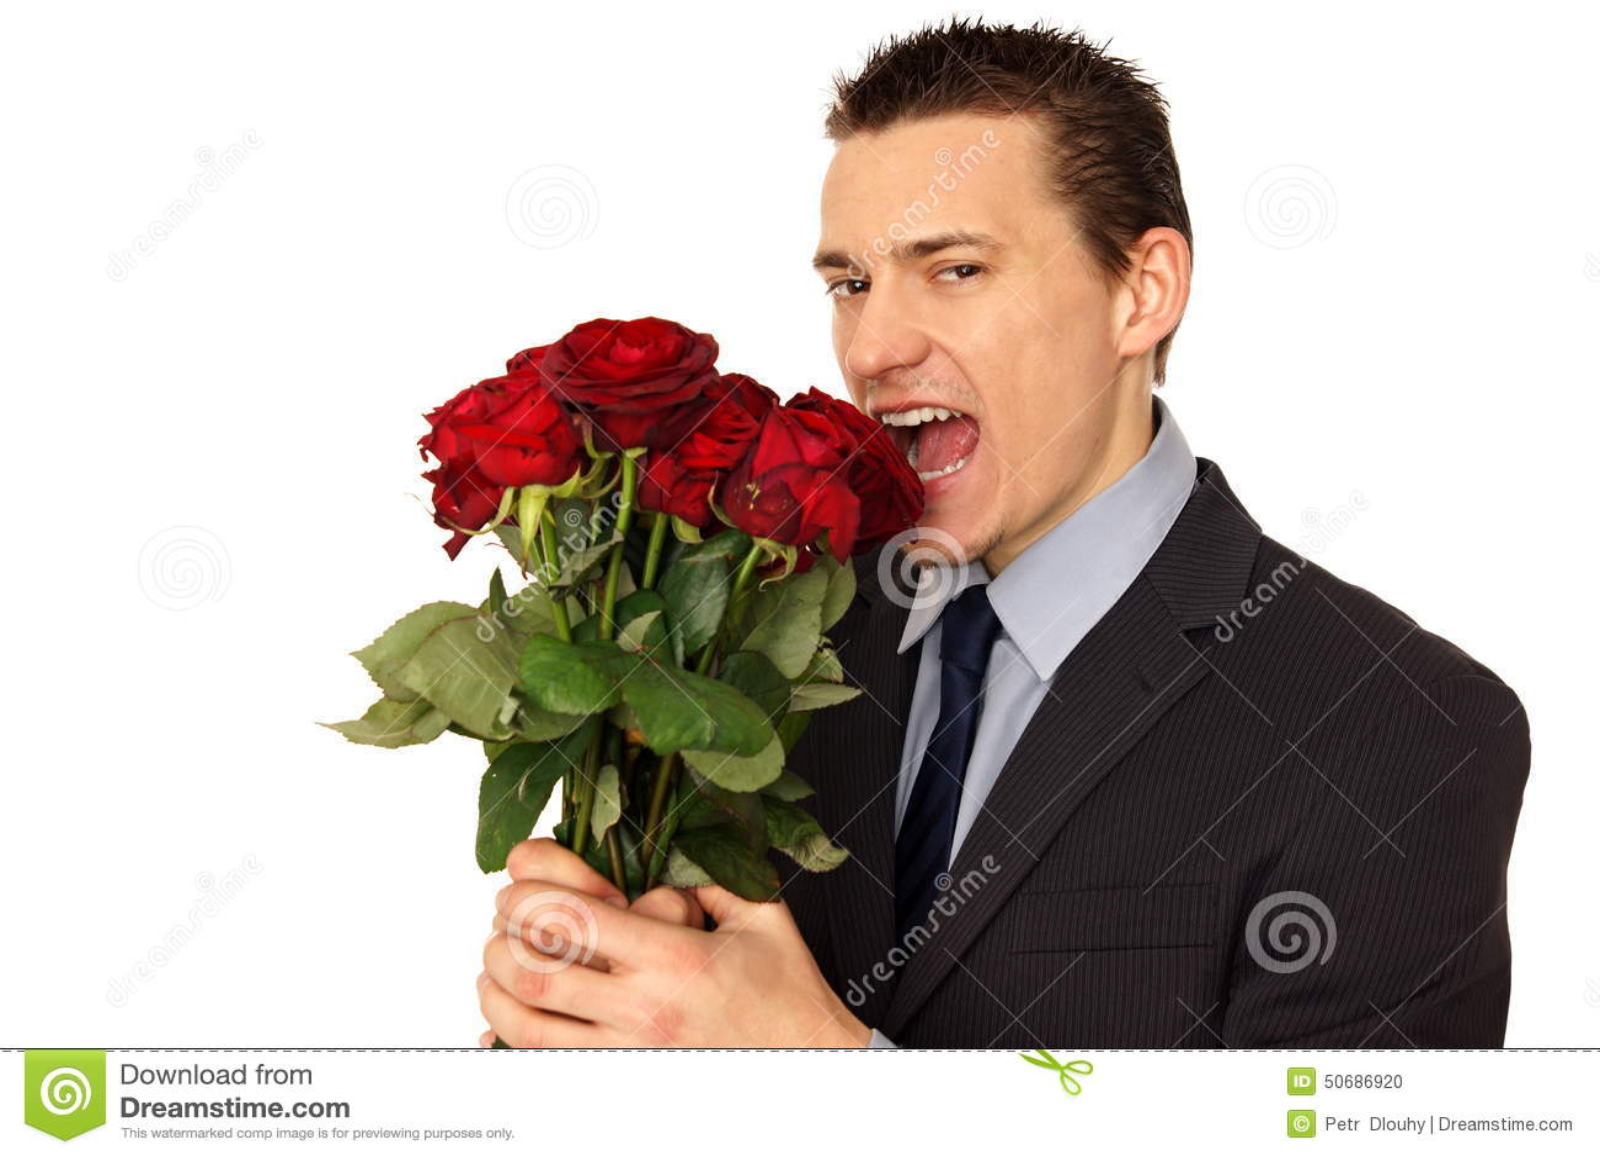 Download 衣服的人吃玫瑰 库存照片. 图片 包括有 开花, 叶子, 成功, 现有量, 商业, 衬衣, 高雅, 绽放 - 50686920